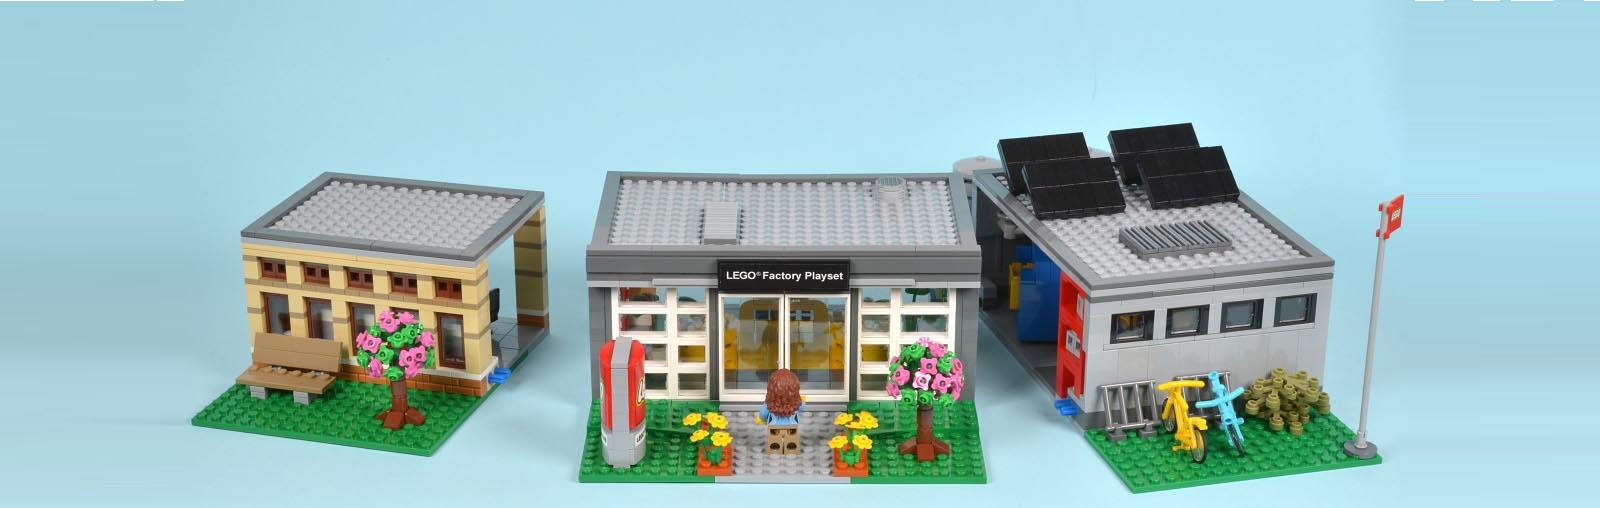 LEGO fan model